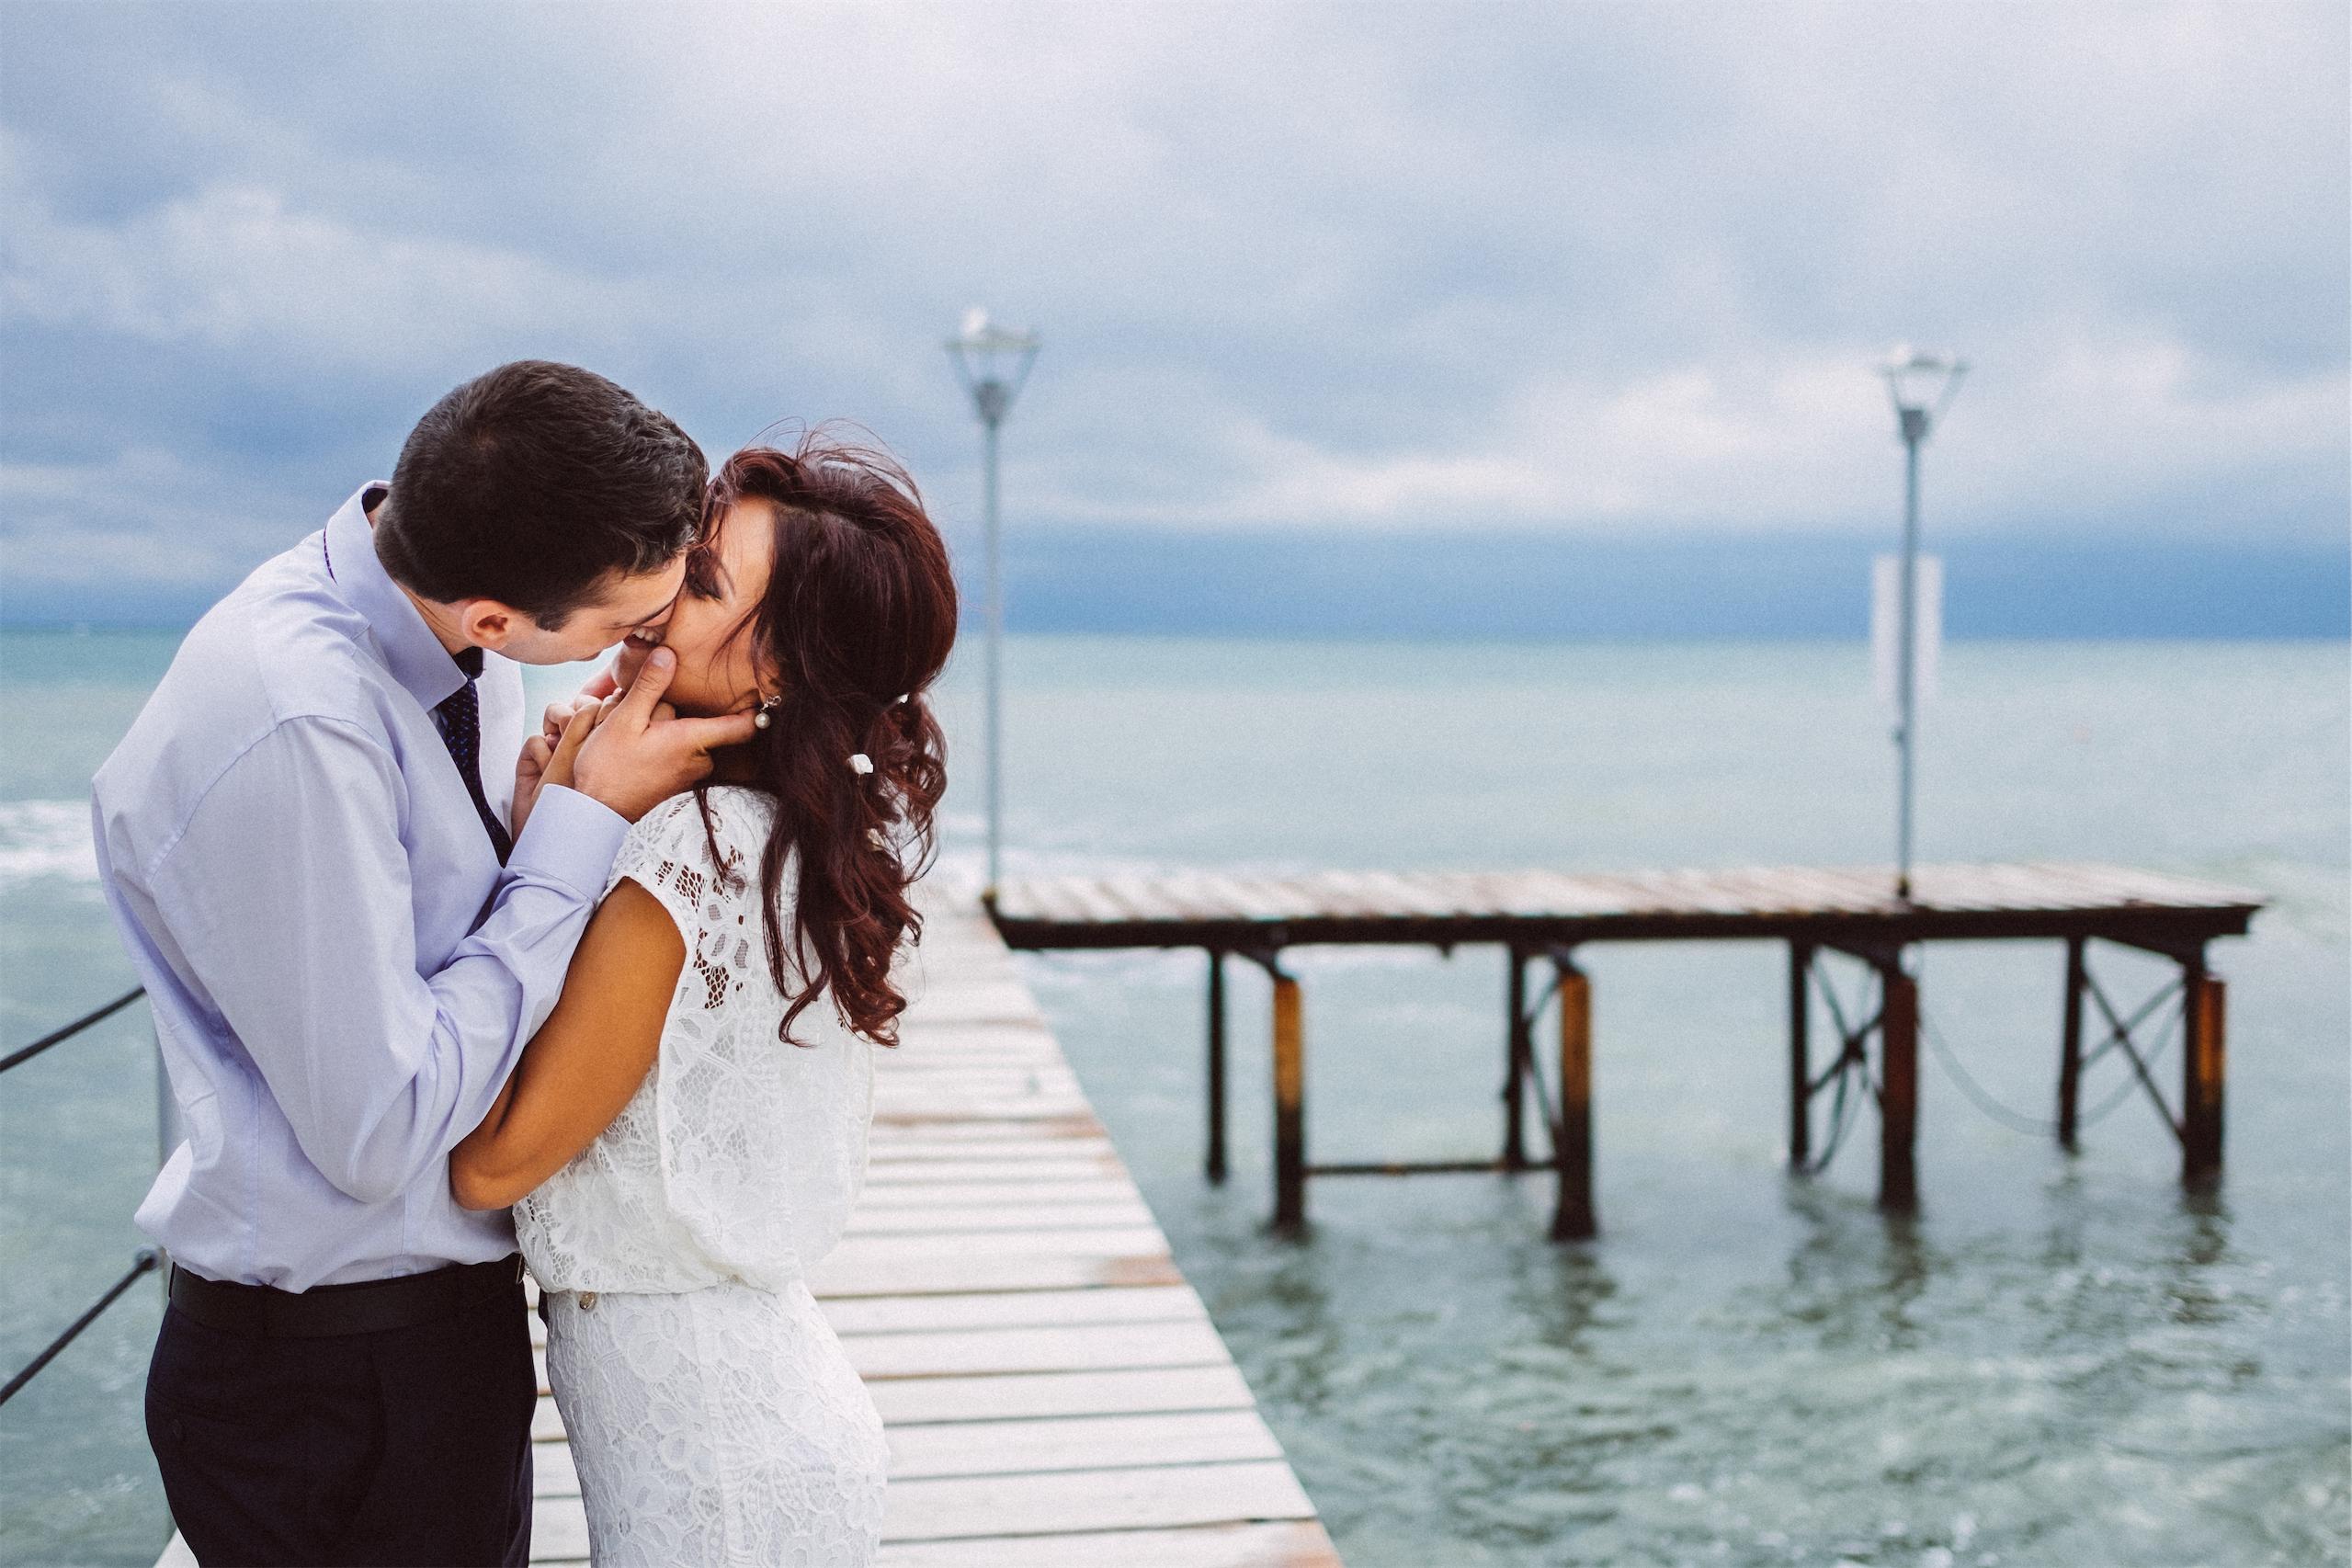 Сватбена фотосесия от фотограф от Варна